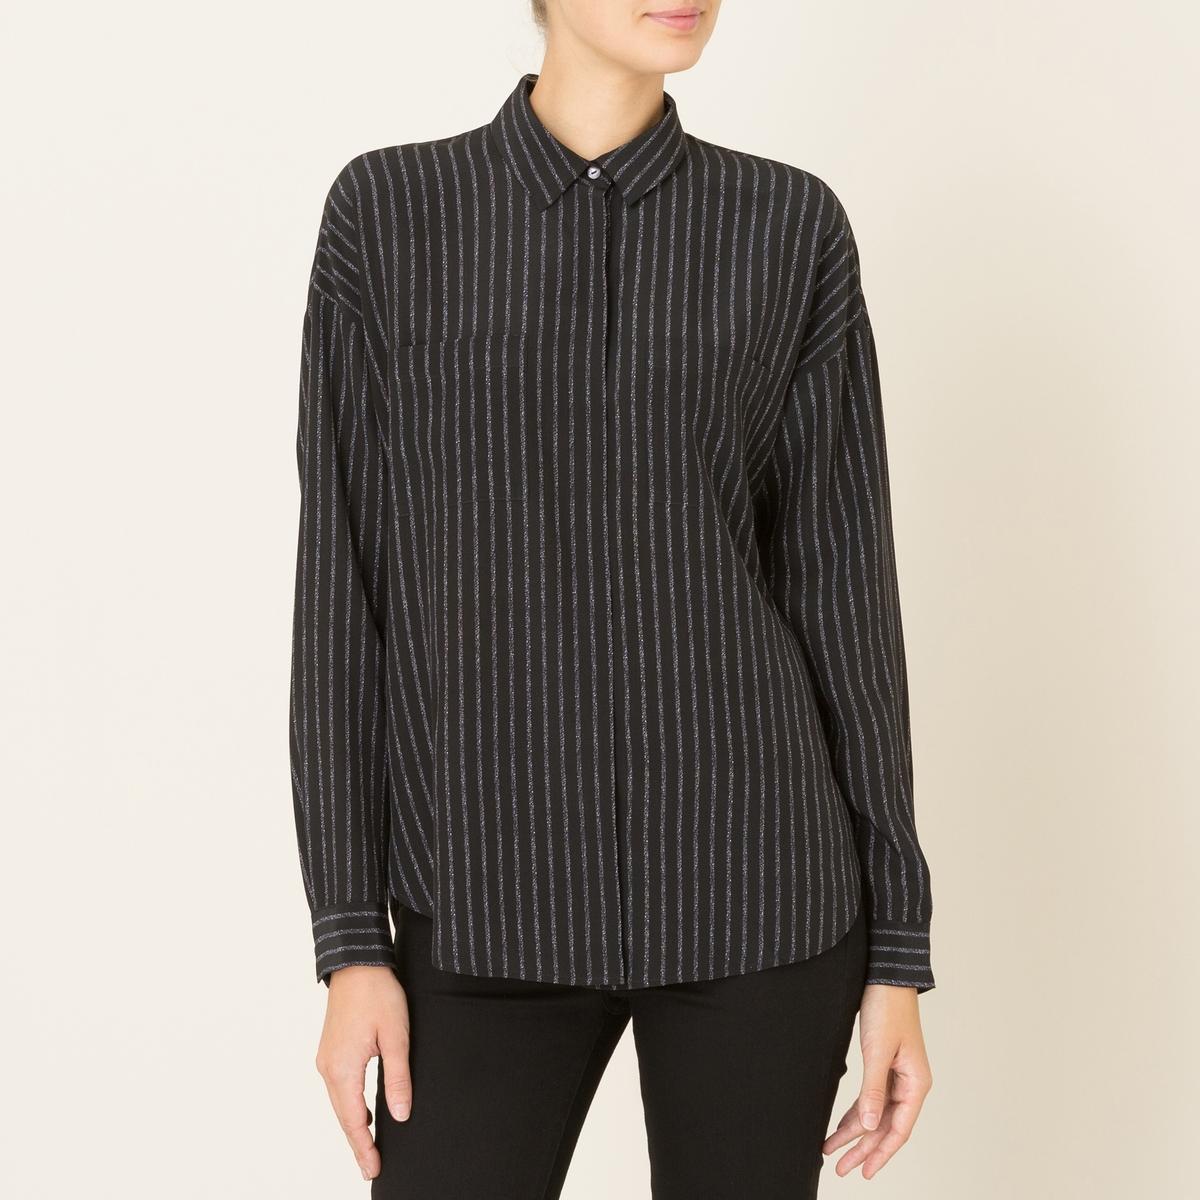 Рубашка женская из шелкаСостав &amp; ДеталиМатериал : 100% шелкМарка : THE KOOPLES<br><br>Цвет: черный<br>Размер: L